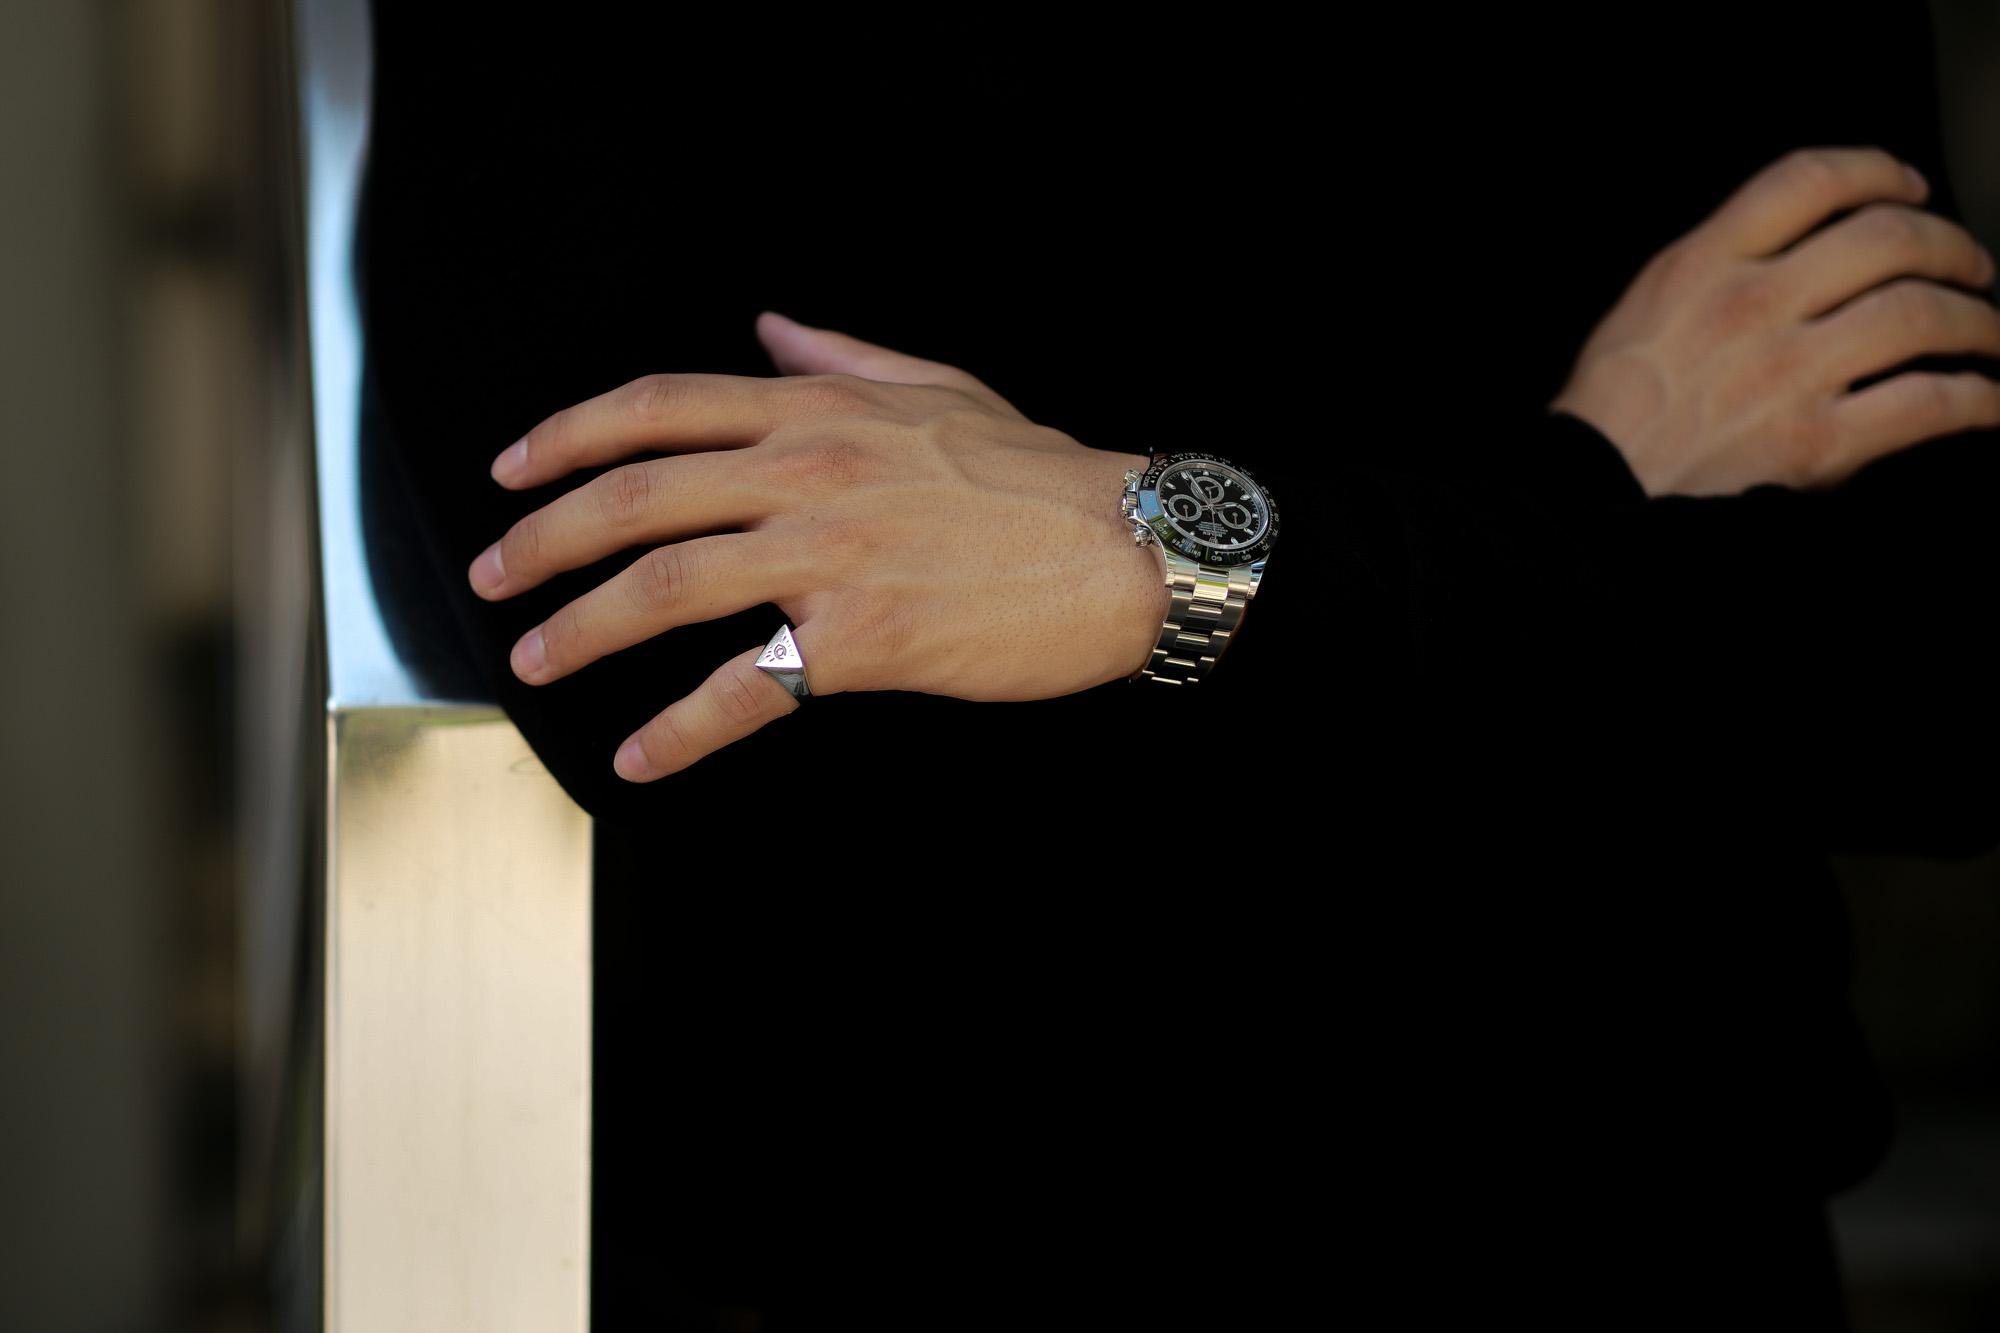 FIXER(フィクサー) ILLUMINATI EYES RING PLATINUM PT 950 イルミナティ アイズリング PLATINUM(プラチナ) 【ご予約開始】【2020.7.16(Thu)~2020.8.02(Sun)】 愛知 名古屋 Alto e Diritto アルトエデリット 18金 リング プラチナ